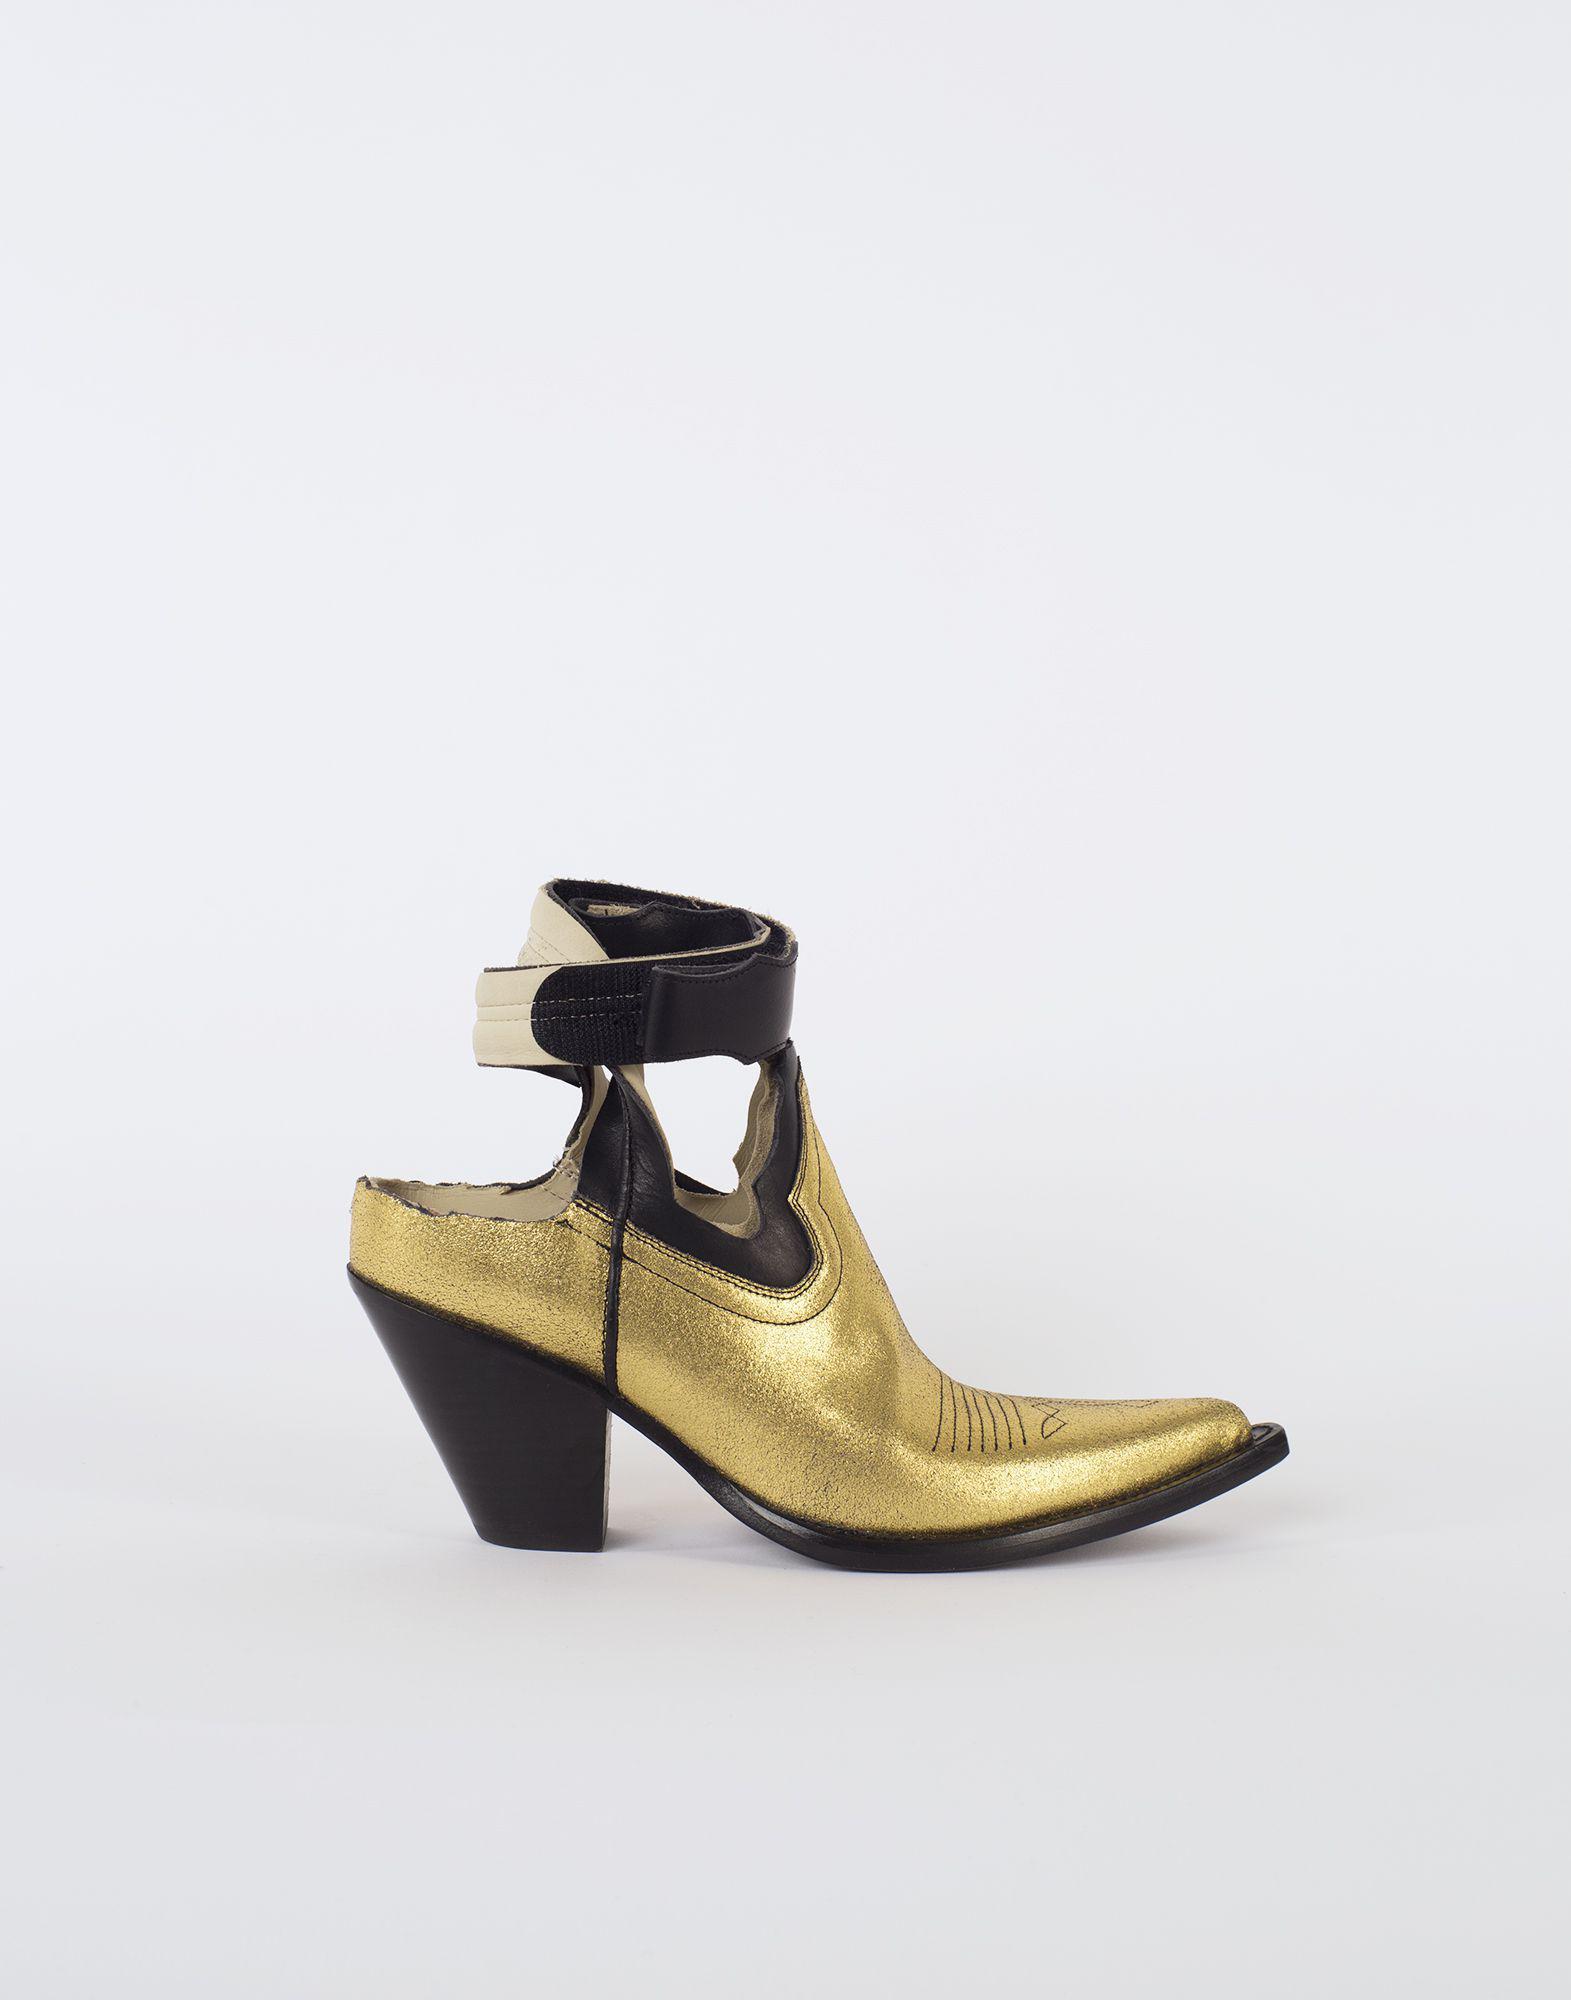 4c049001706 Maison Margiela Metallic Gold Cut-out Cowboy Boots